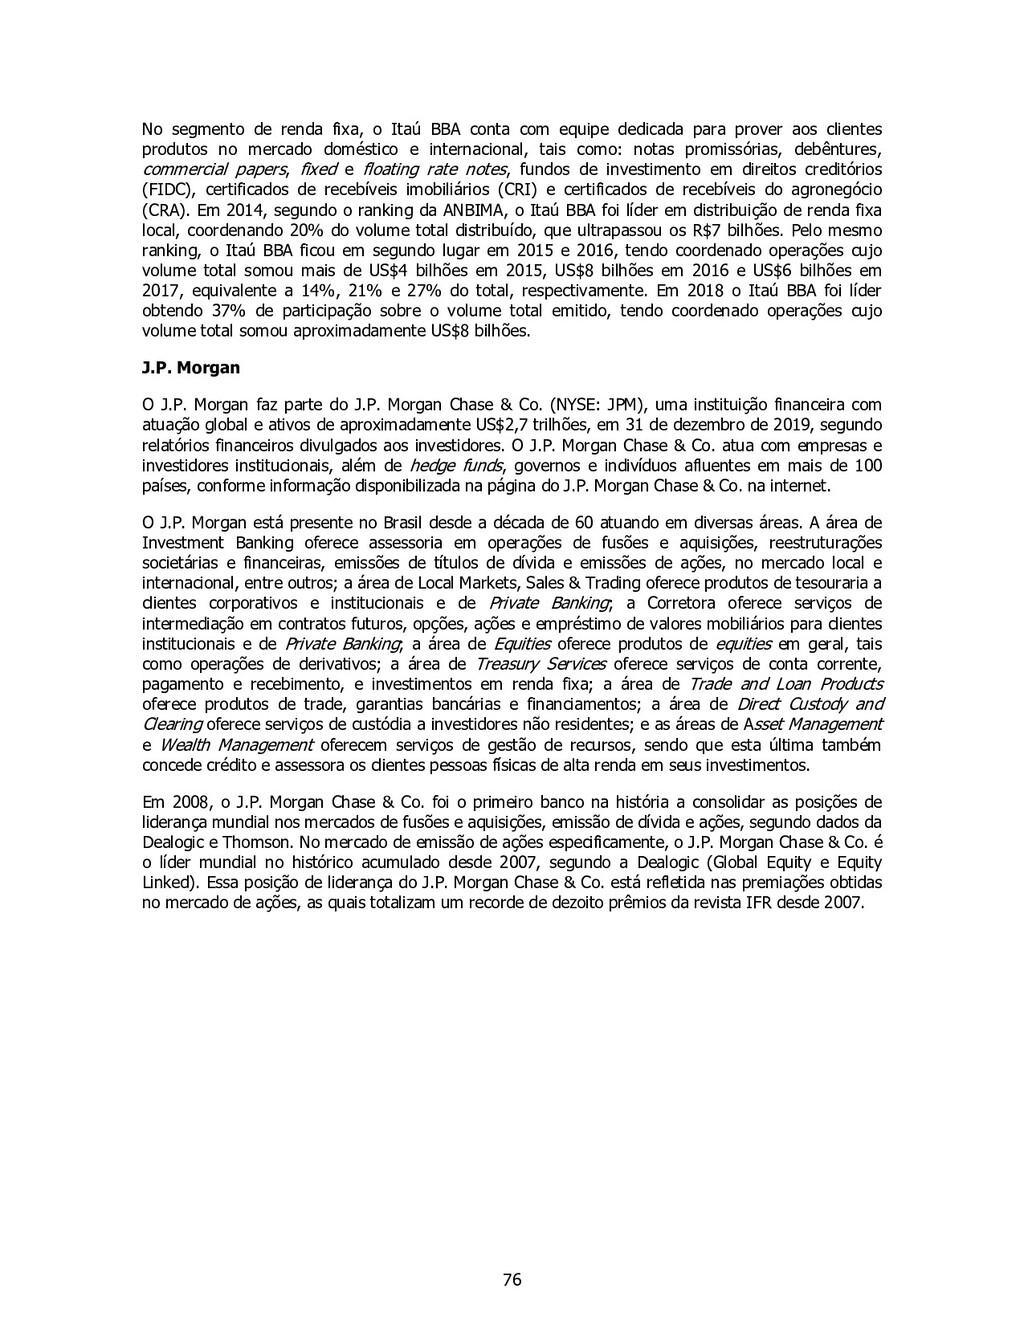 76 No segmento de renda fixa, o Itaú BBA conta ...